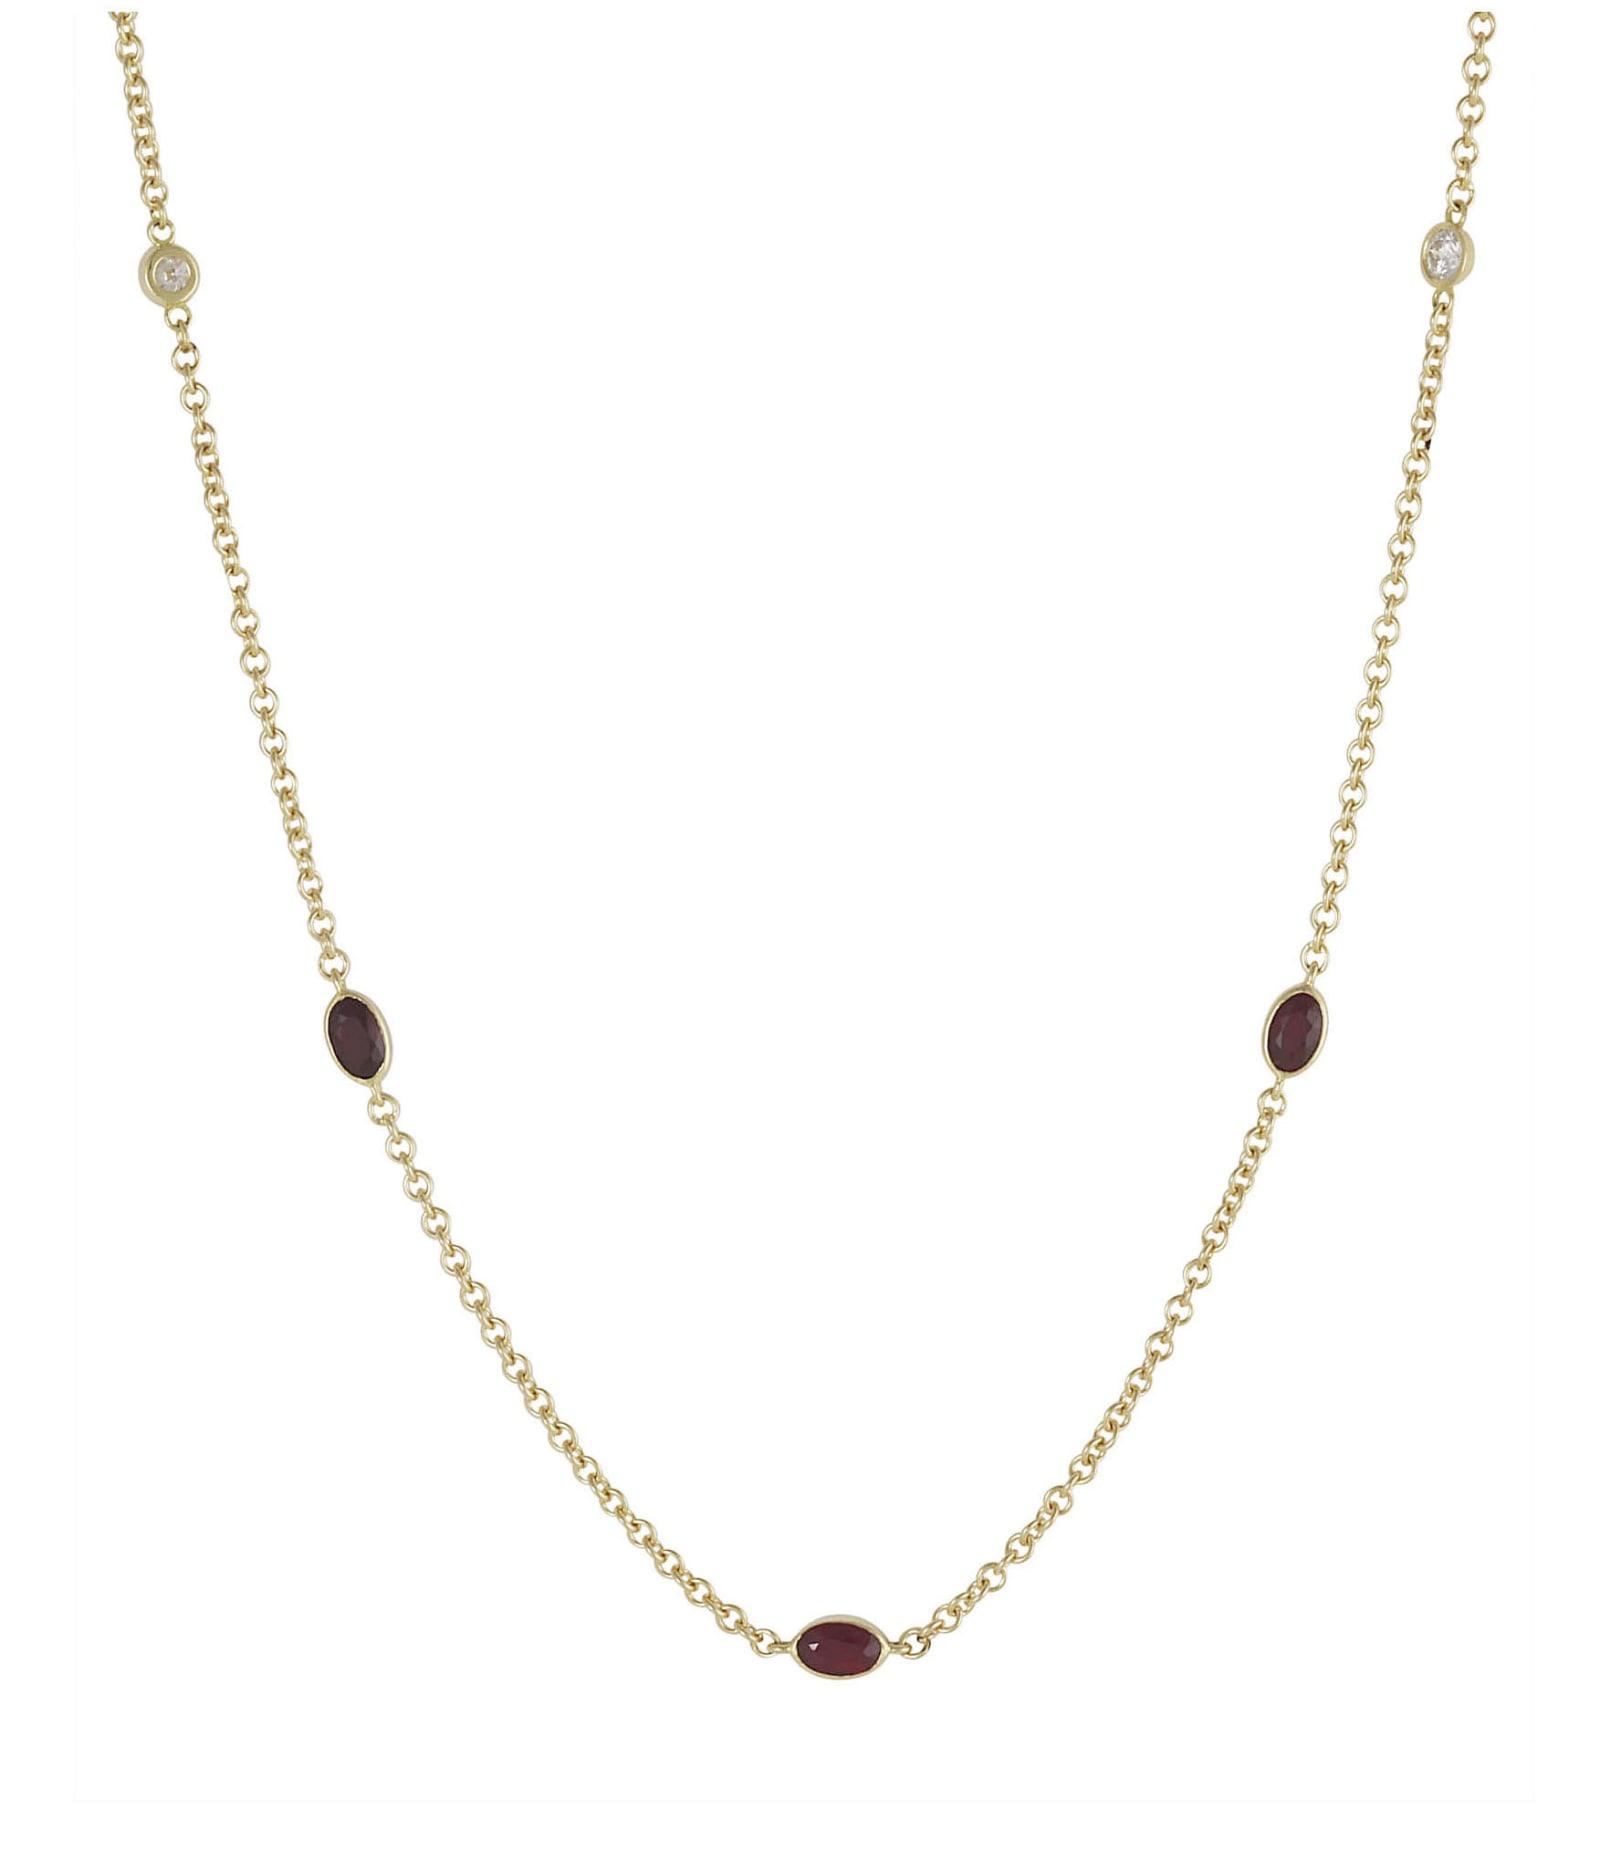 Lo Spazio Ruby and Diamond Necklace